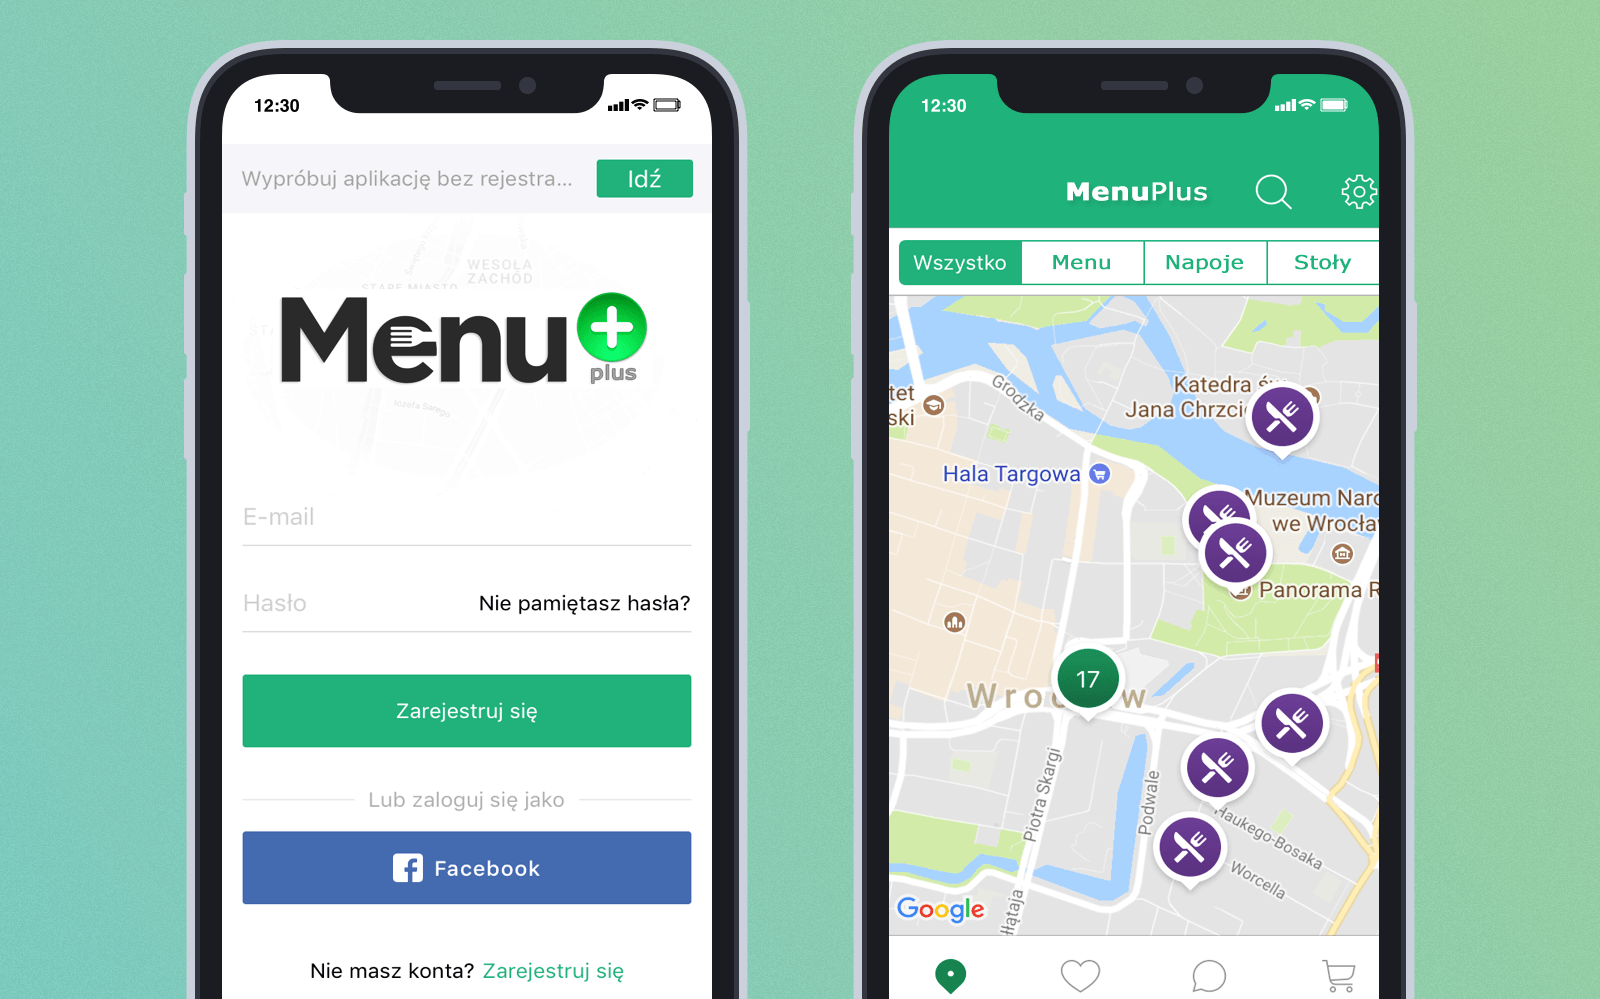 Menu+ app